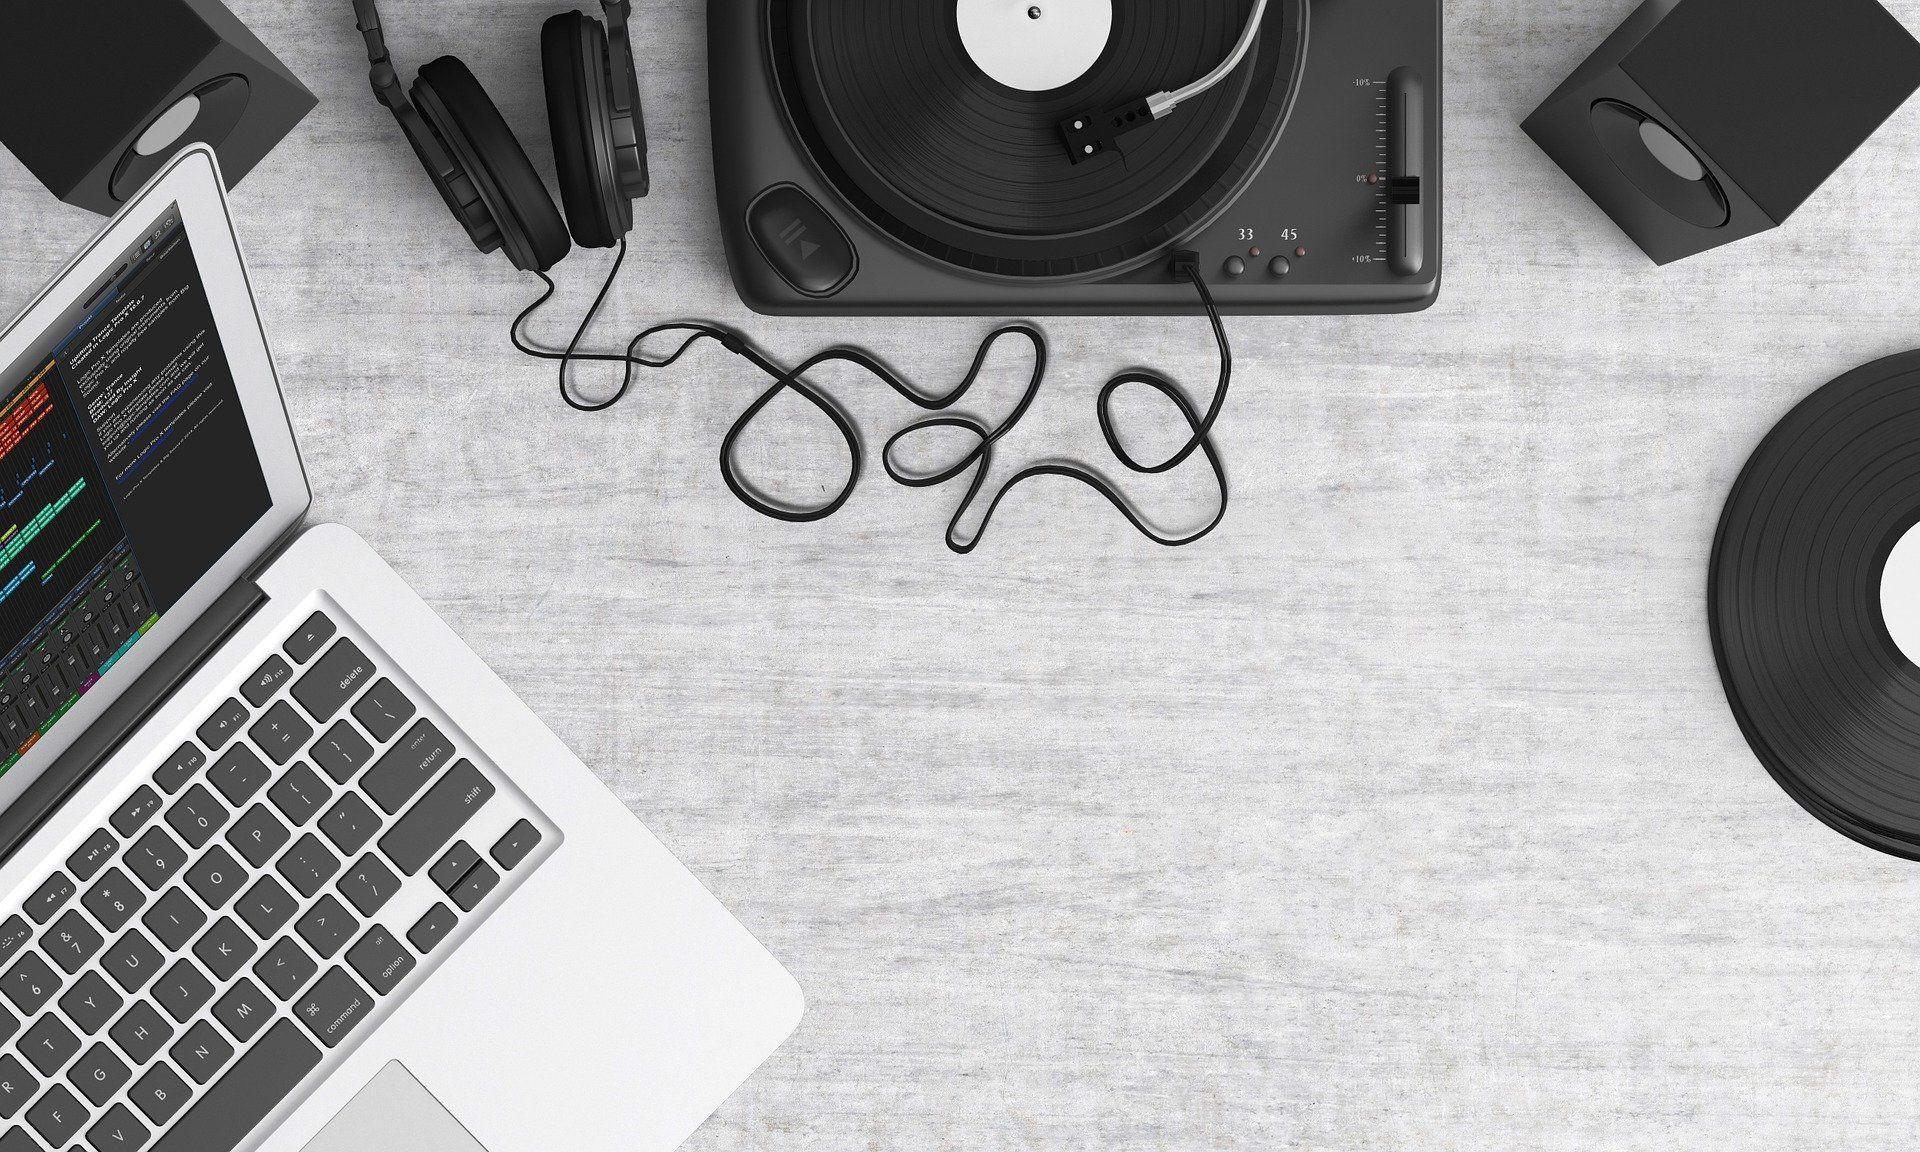 Podcasts para músicos e artistas independentes: imagem de laptop e vitrola